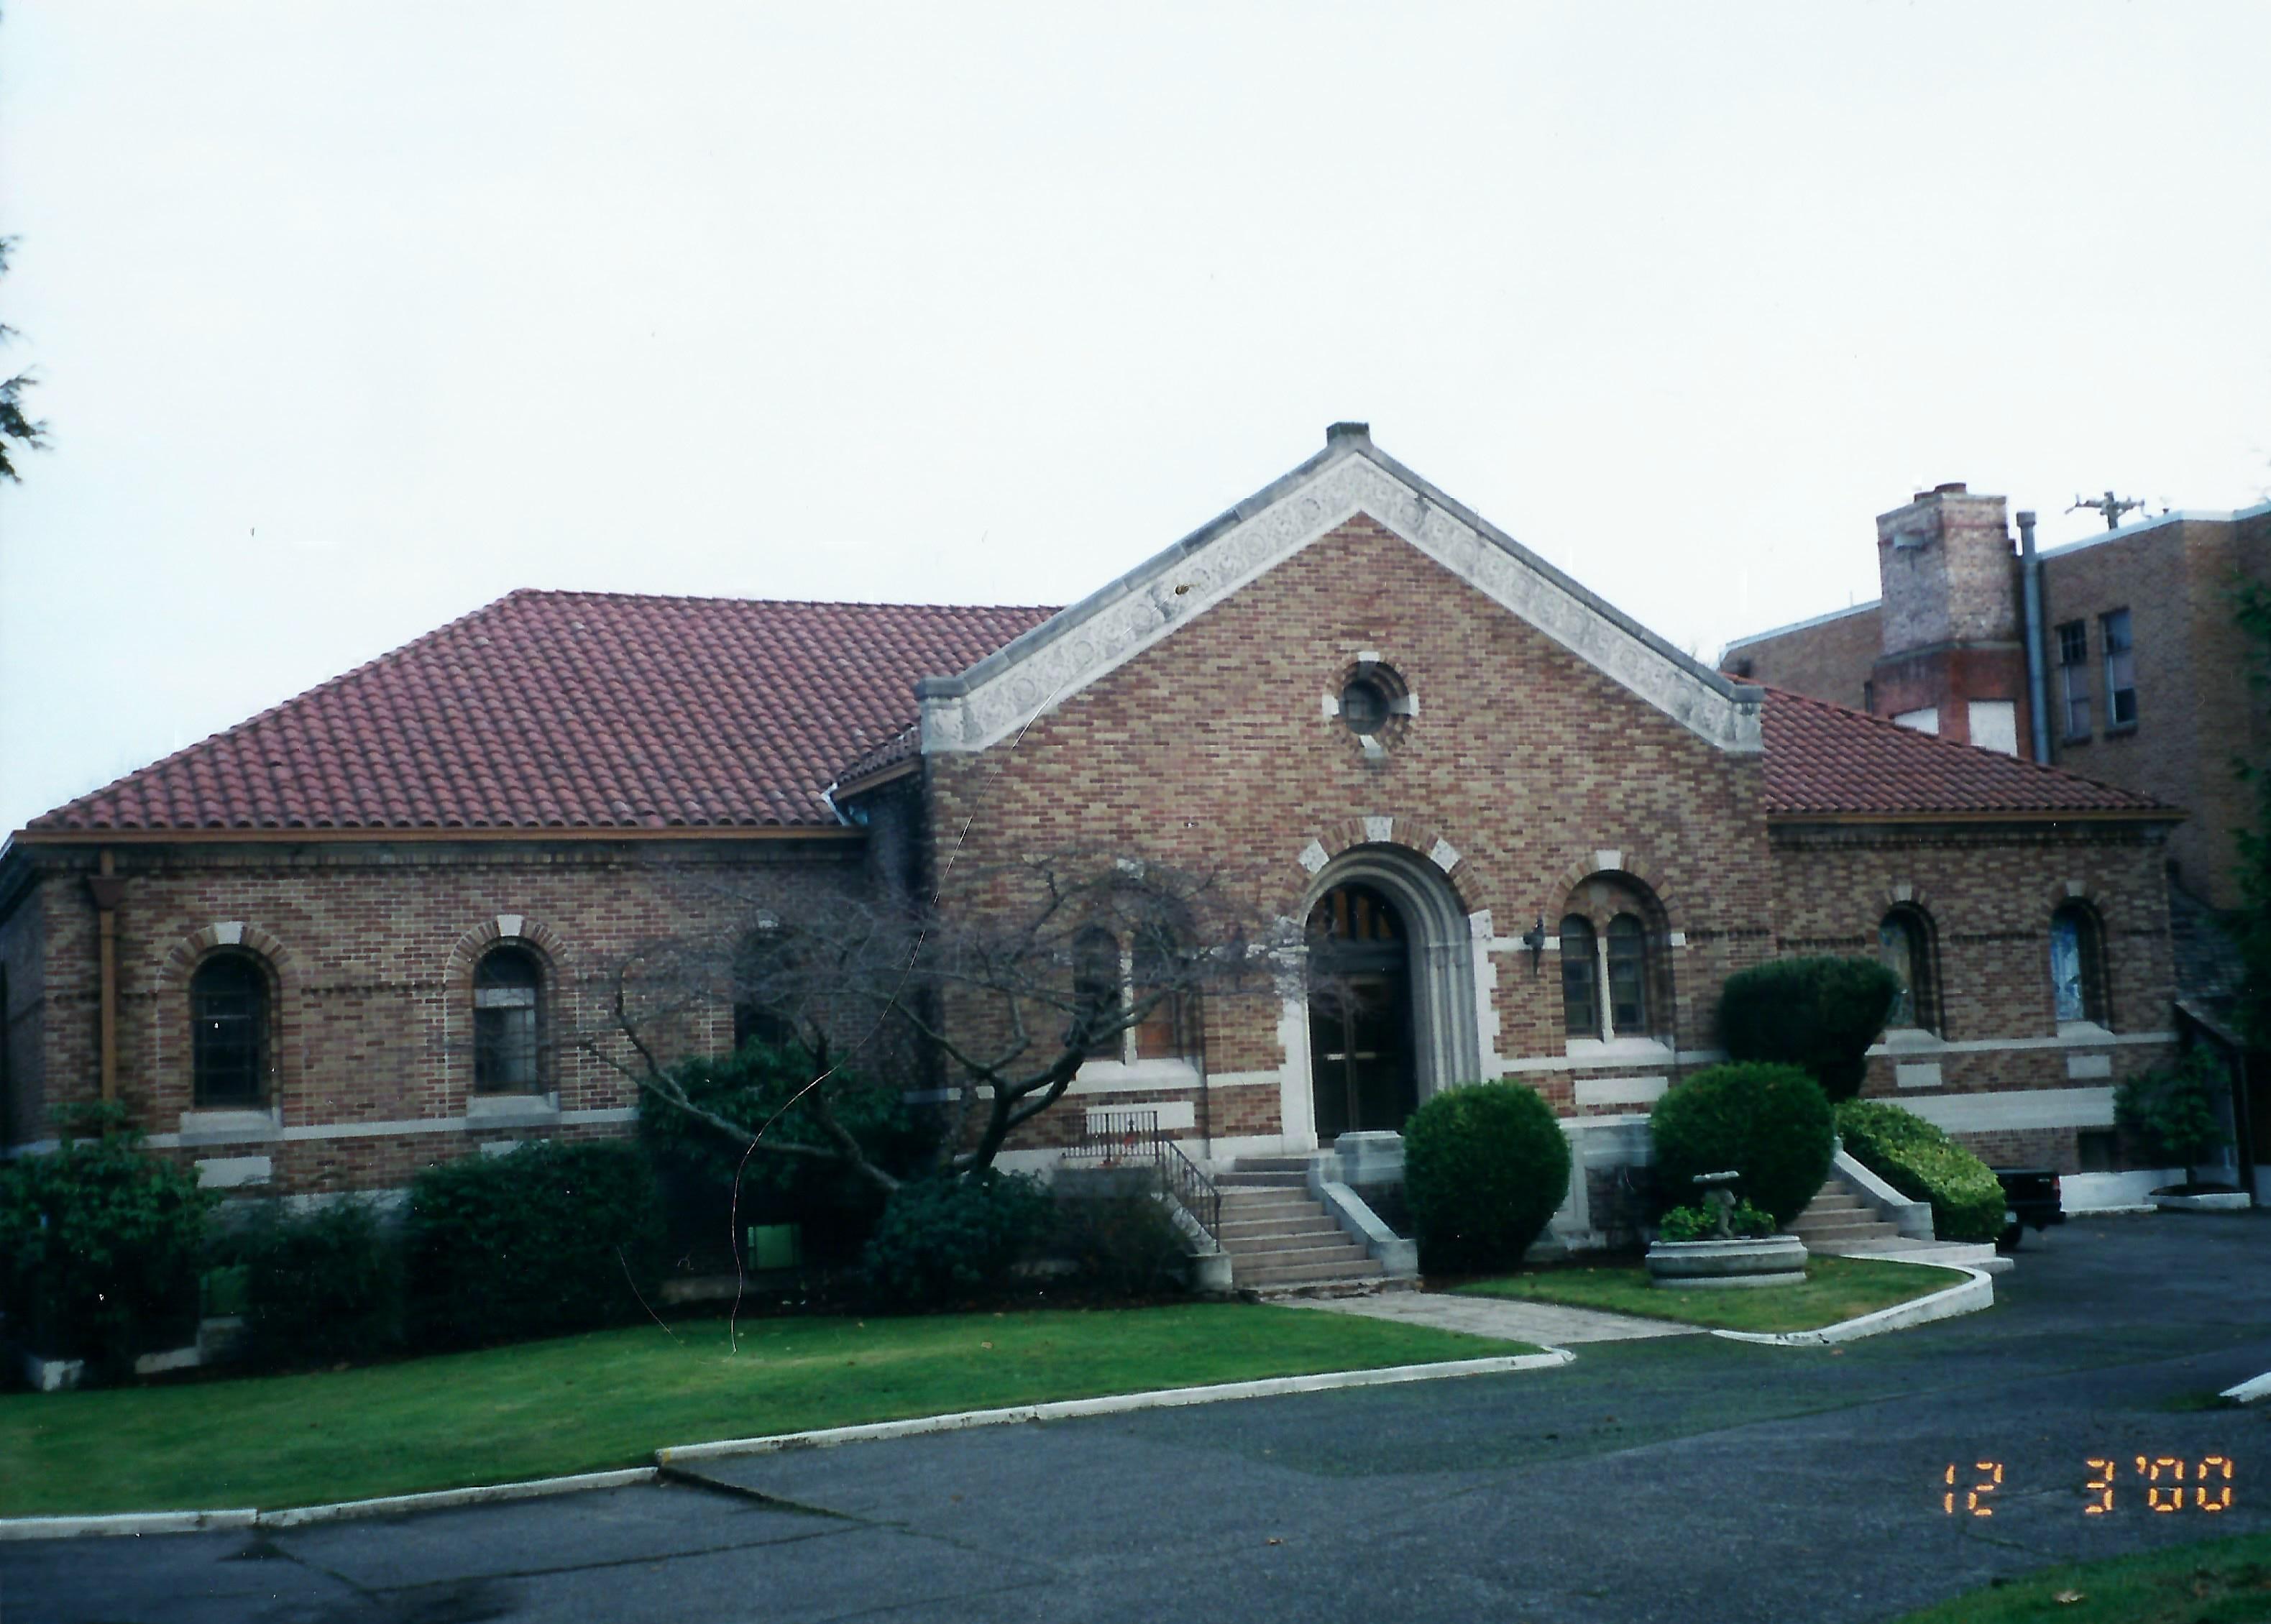 Wright Crematory and Columbarium